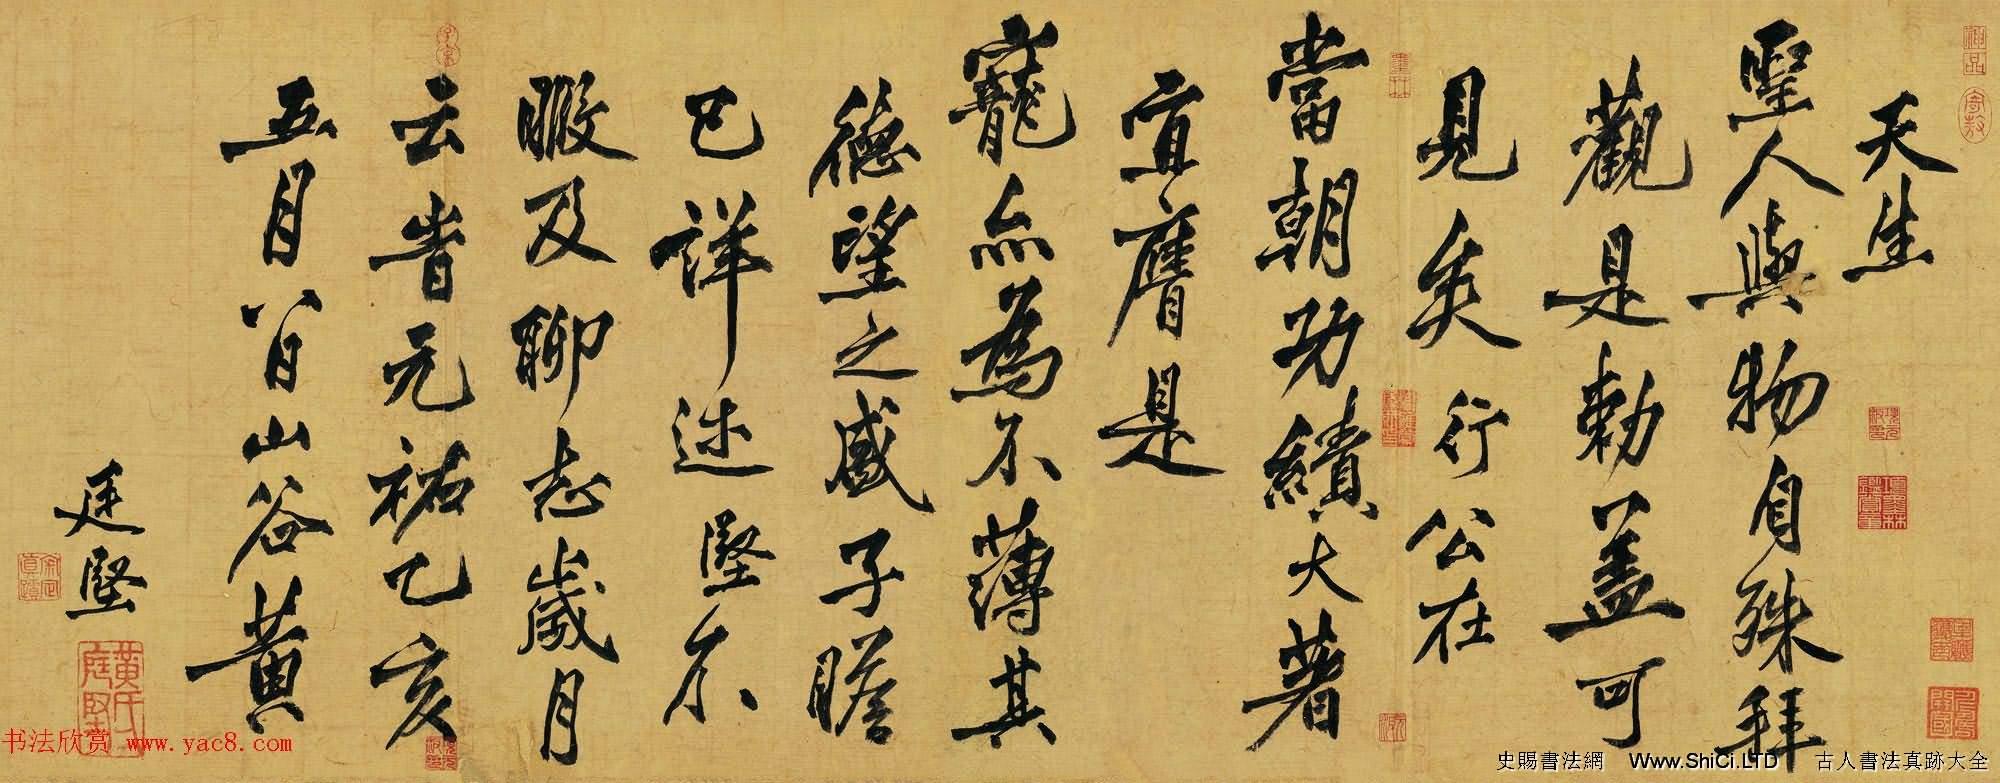 黃庭堅書法題跋字帖《趙佶蔡行敕卷》(共4張圖片)